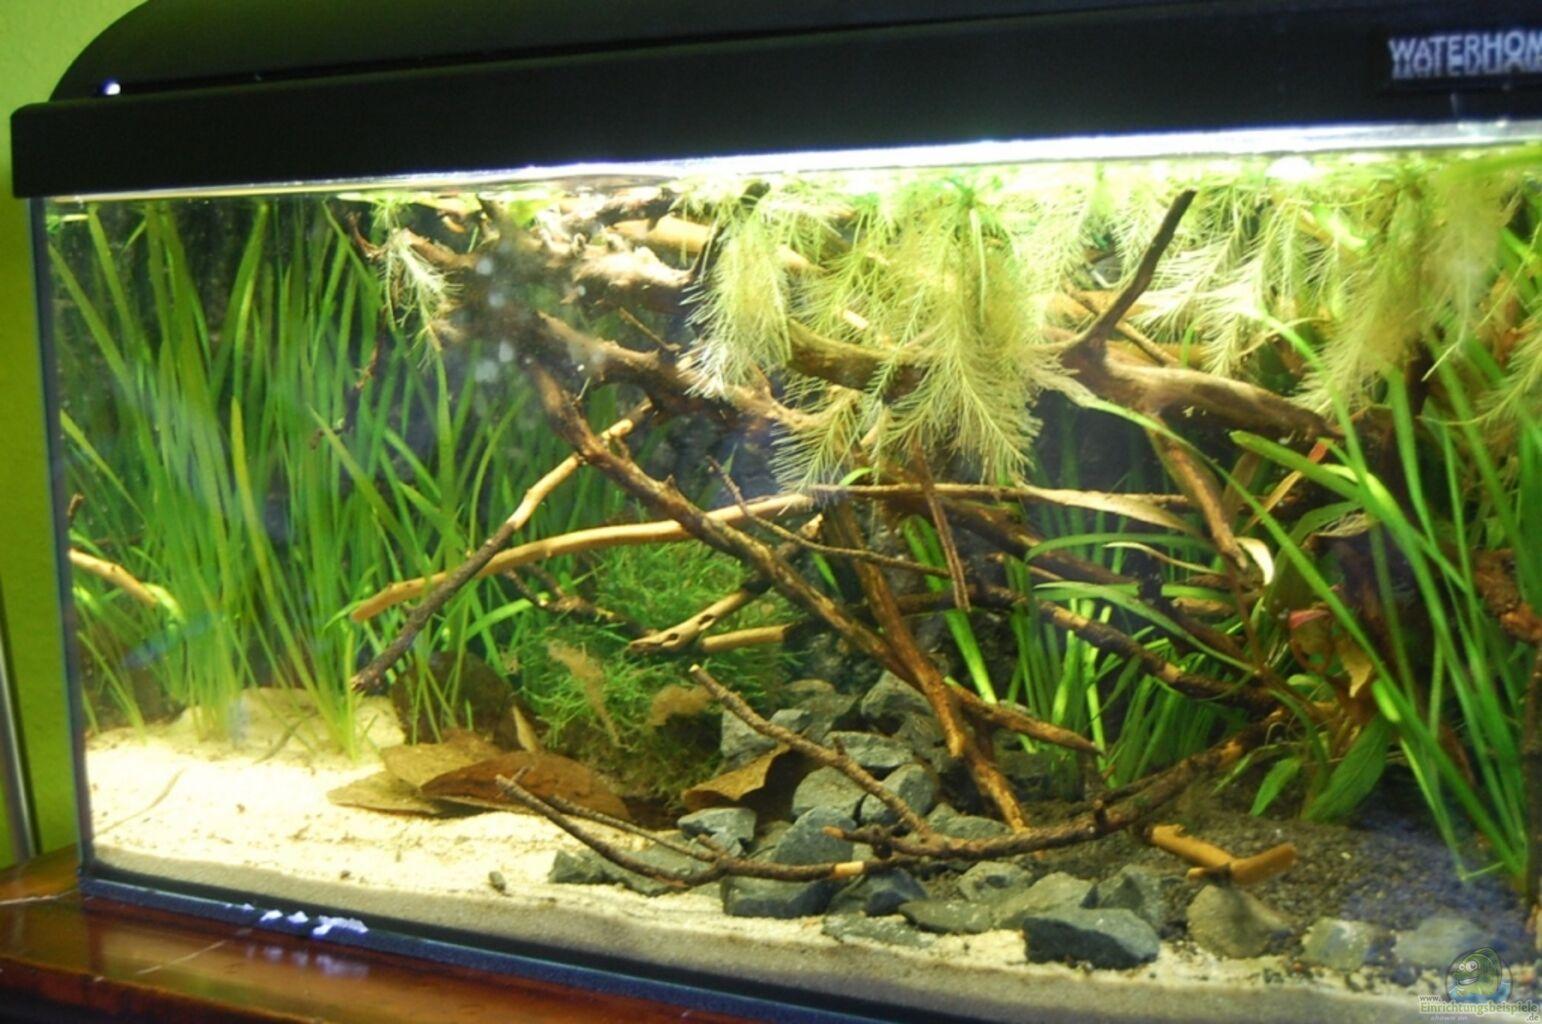 P klad 17576 z kategorie sm en amerika akv ria for Waterhome aquarium